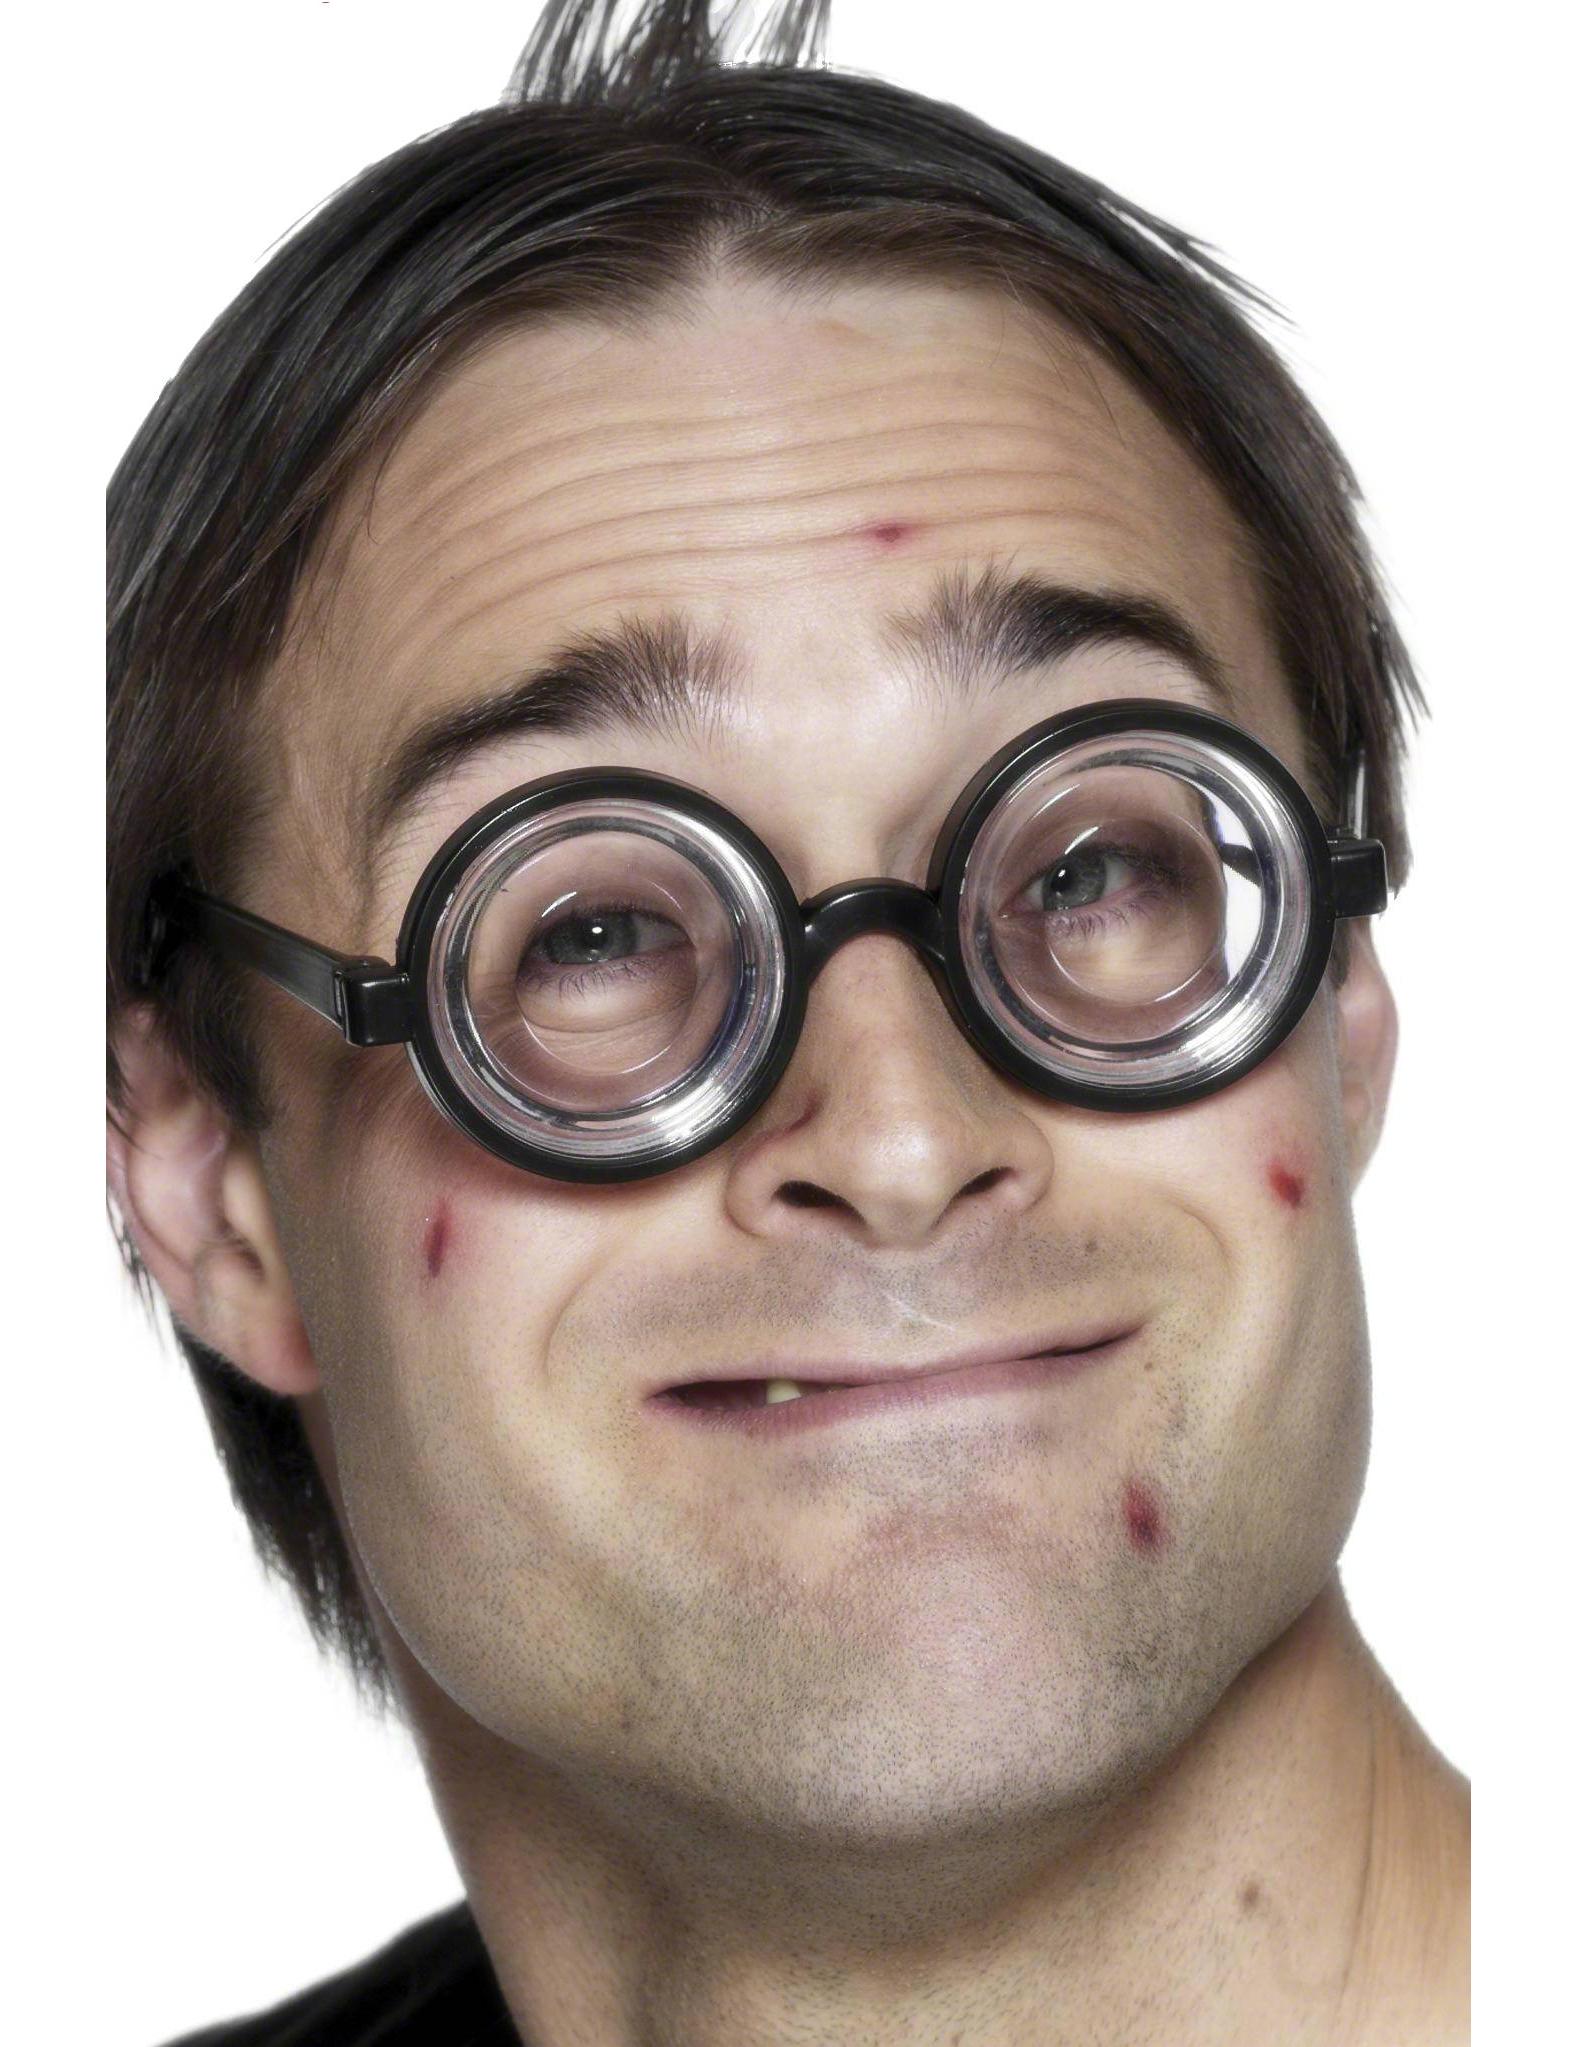 lunettes-d-idiot_170436